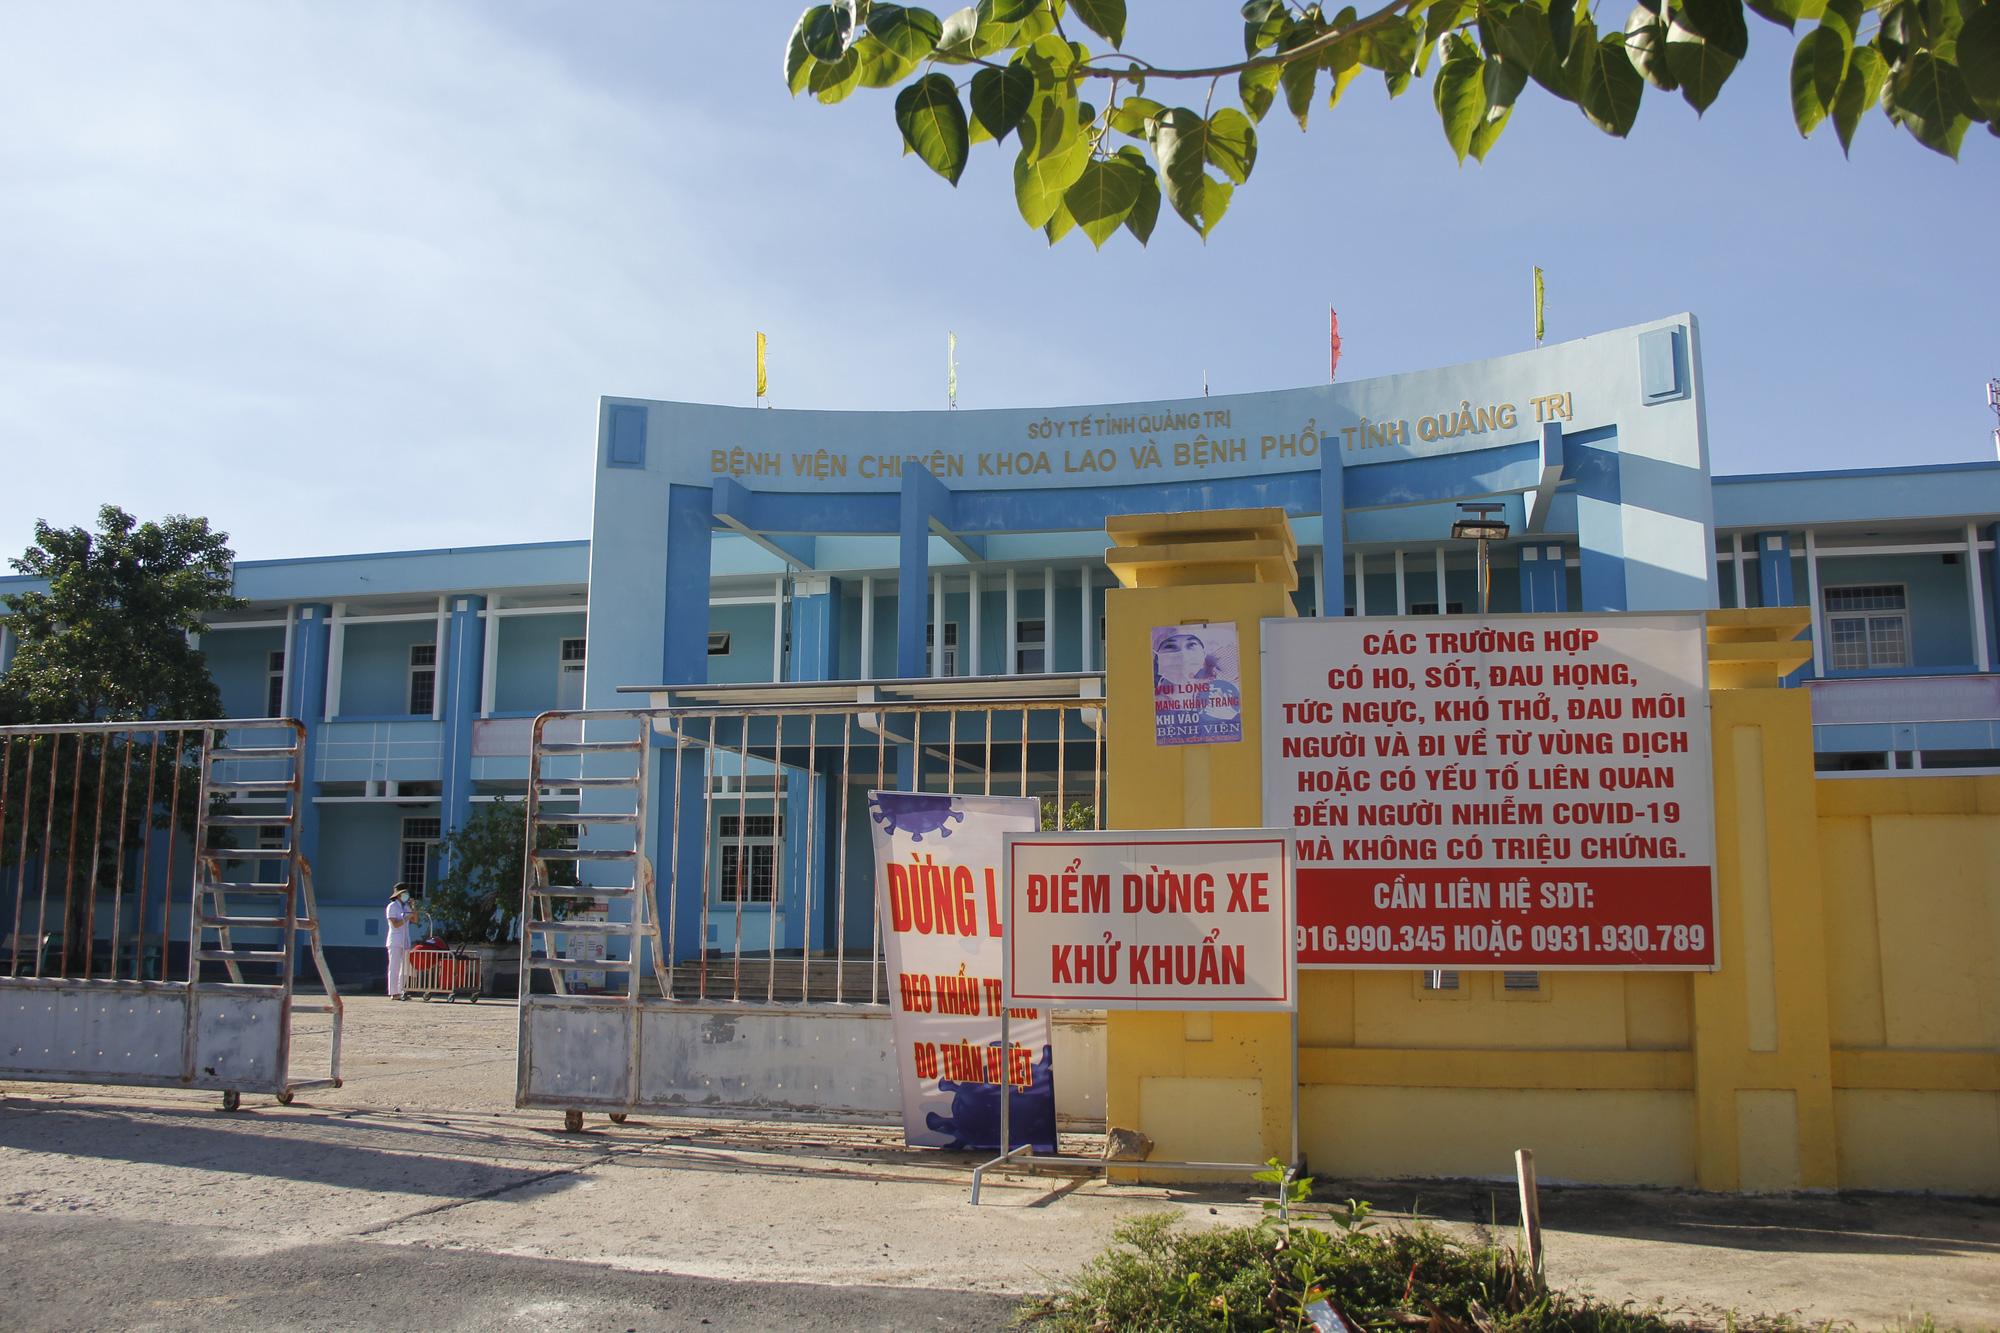 Tập đoàn TH trao tặng 12.500 sản phẩm sữa tươi hỗ trợ tỉnh Quảng Trị phòng, chống dịch Covid-19 - Ảnh 6.